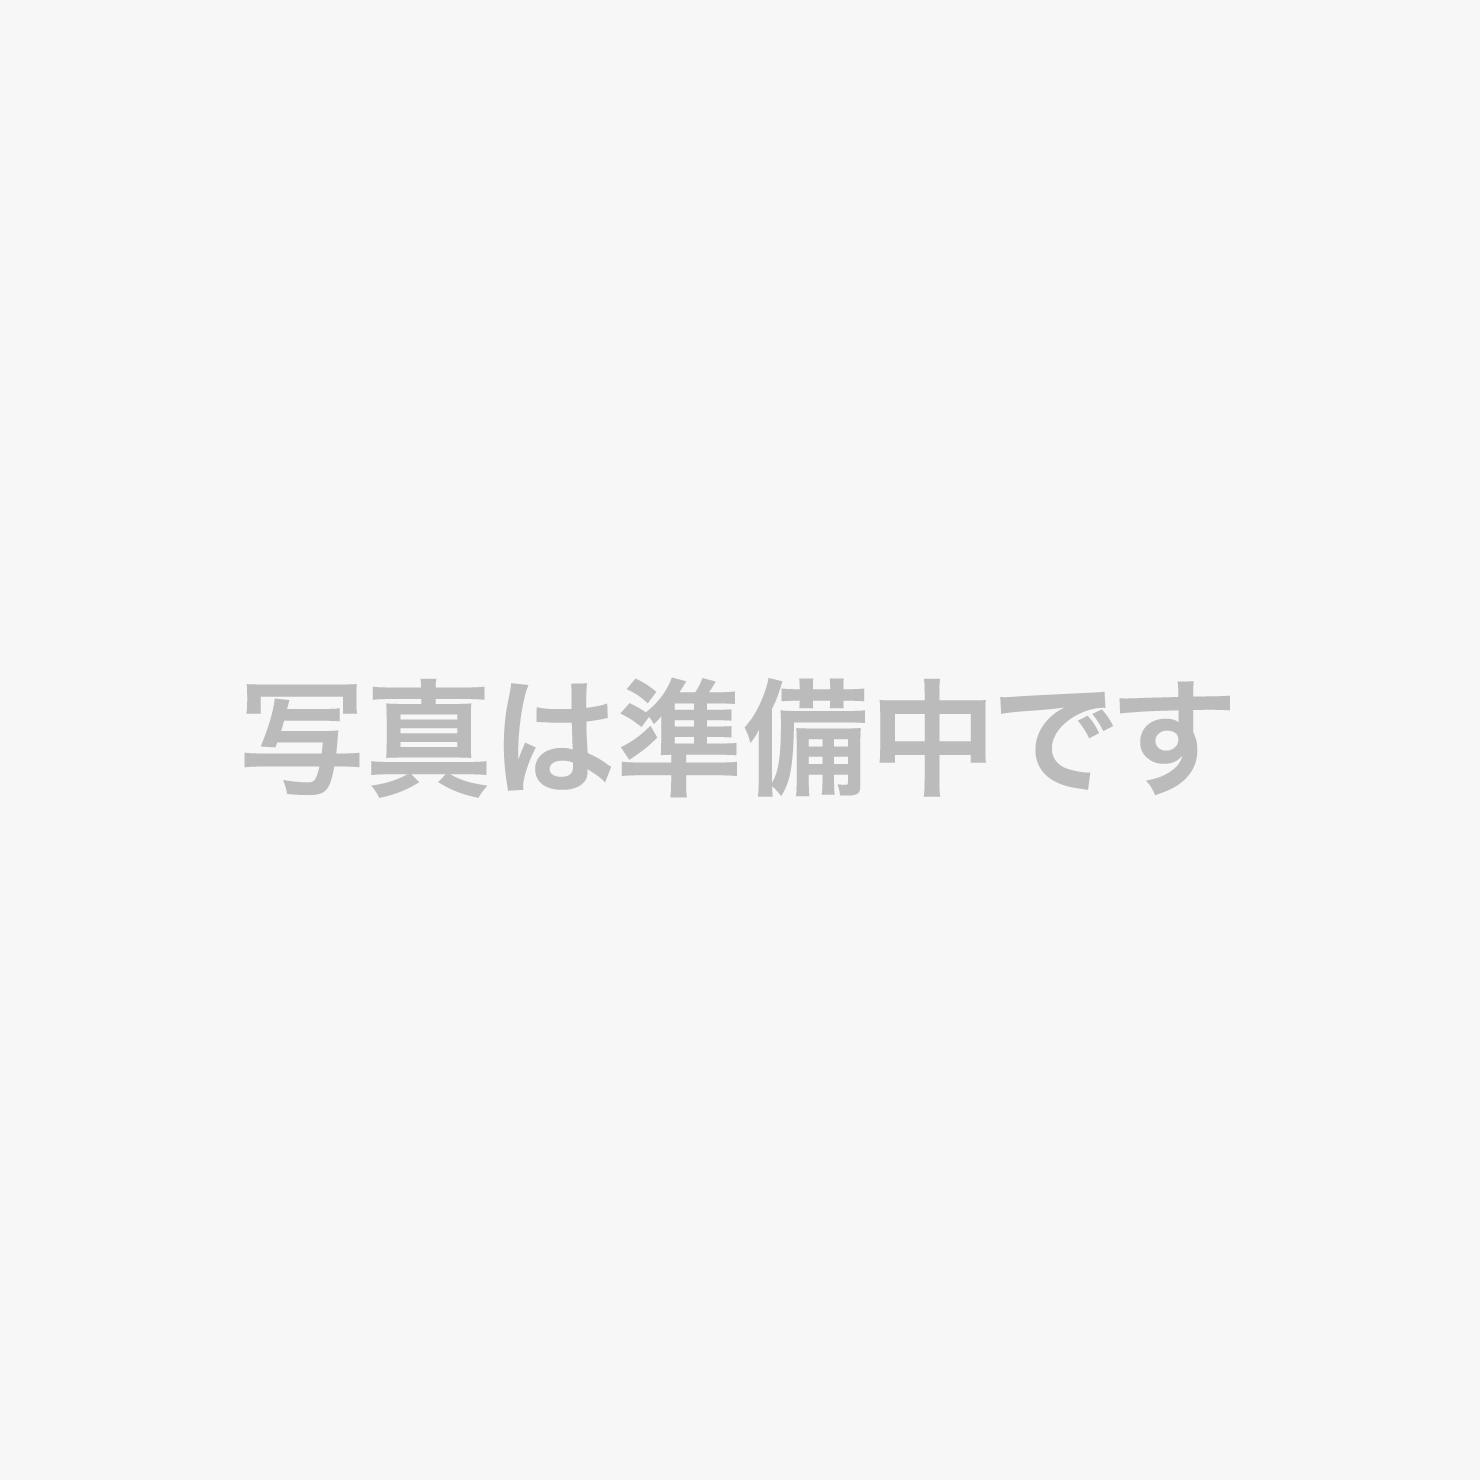 【客室】全客室 鶴仙渓の渓谷に面した眺望(紅葉)